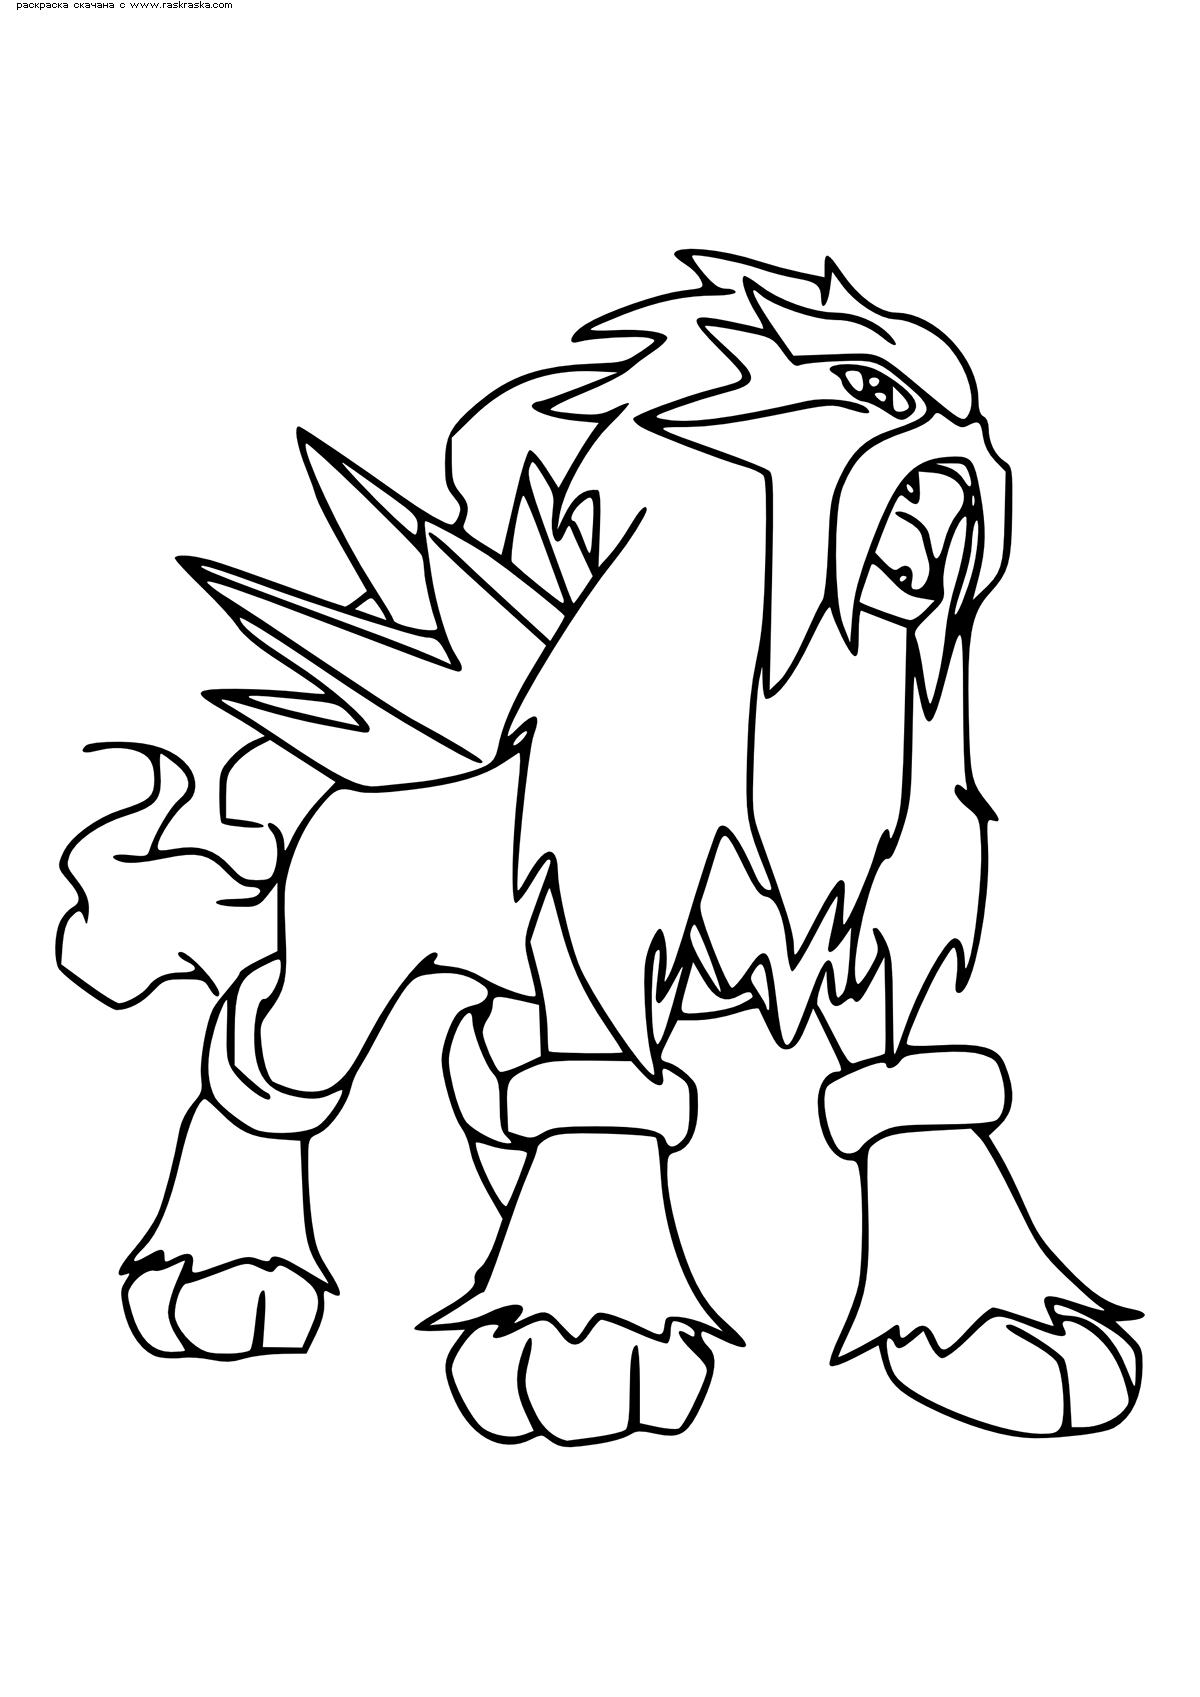 Раскраска Легендарный покемон Энтей (Entei). Раскраска Покемон